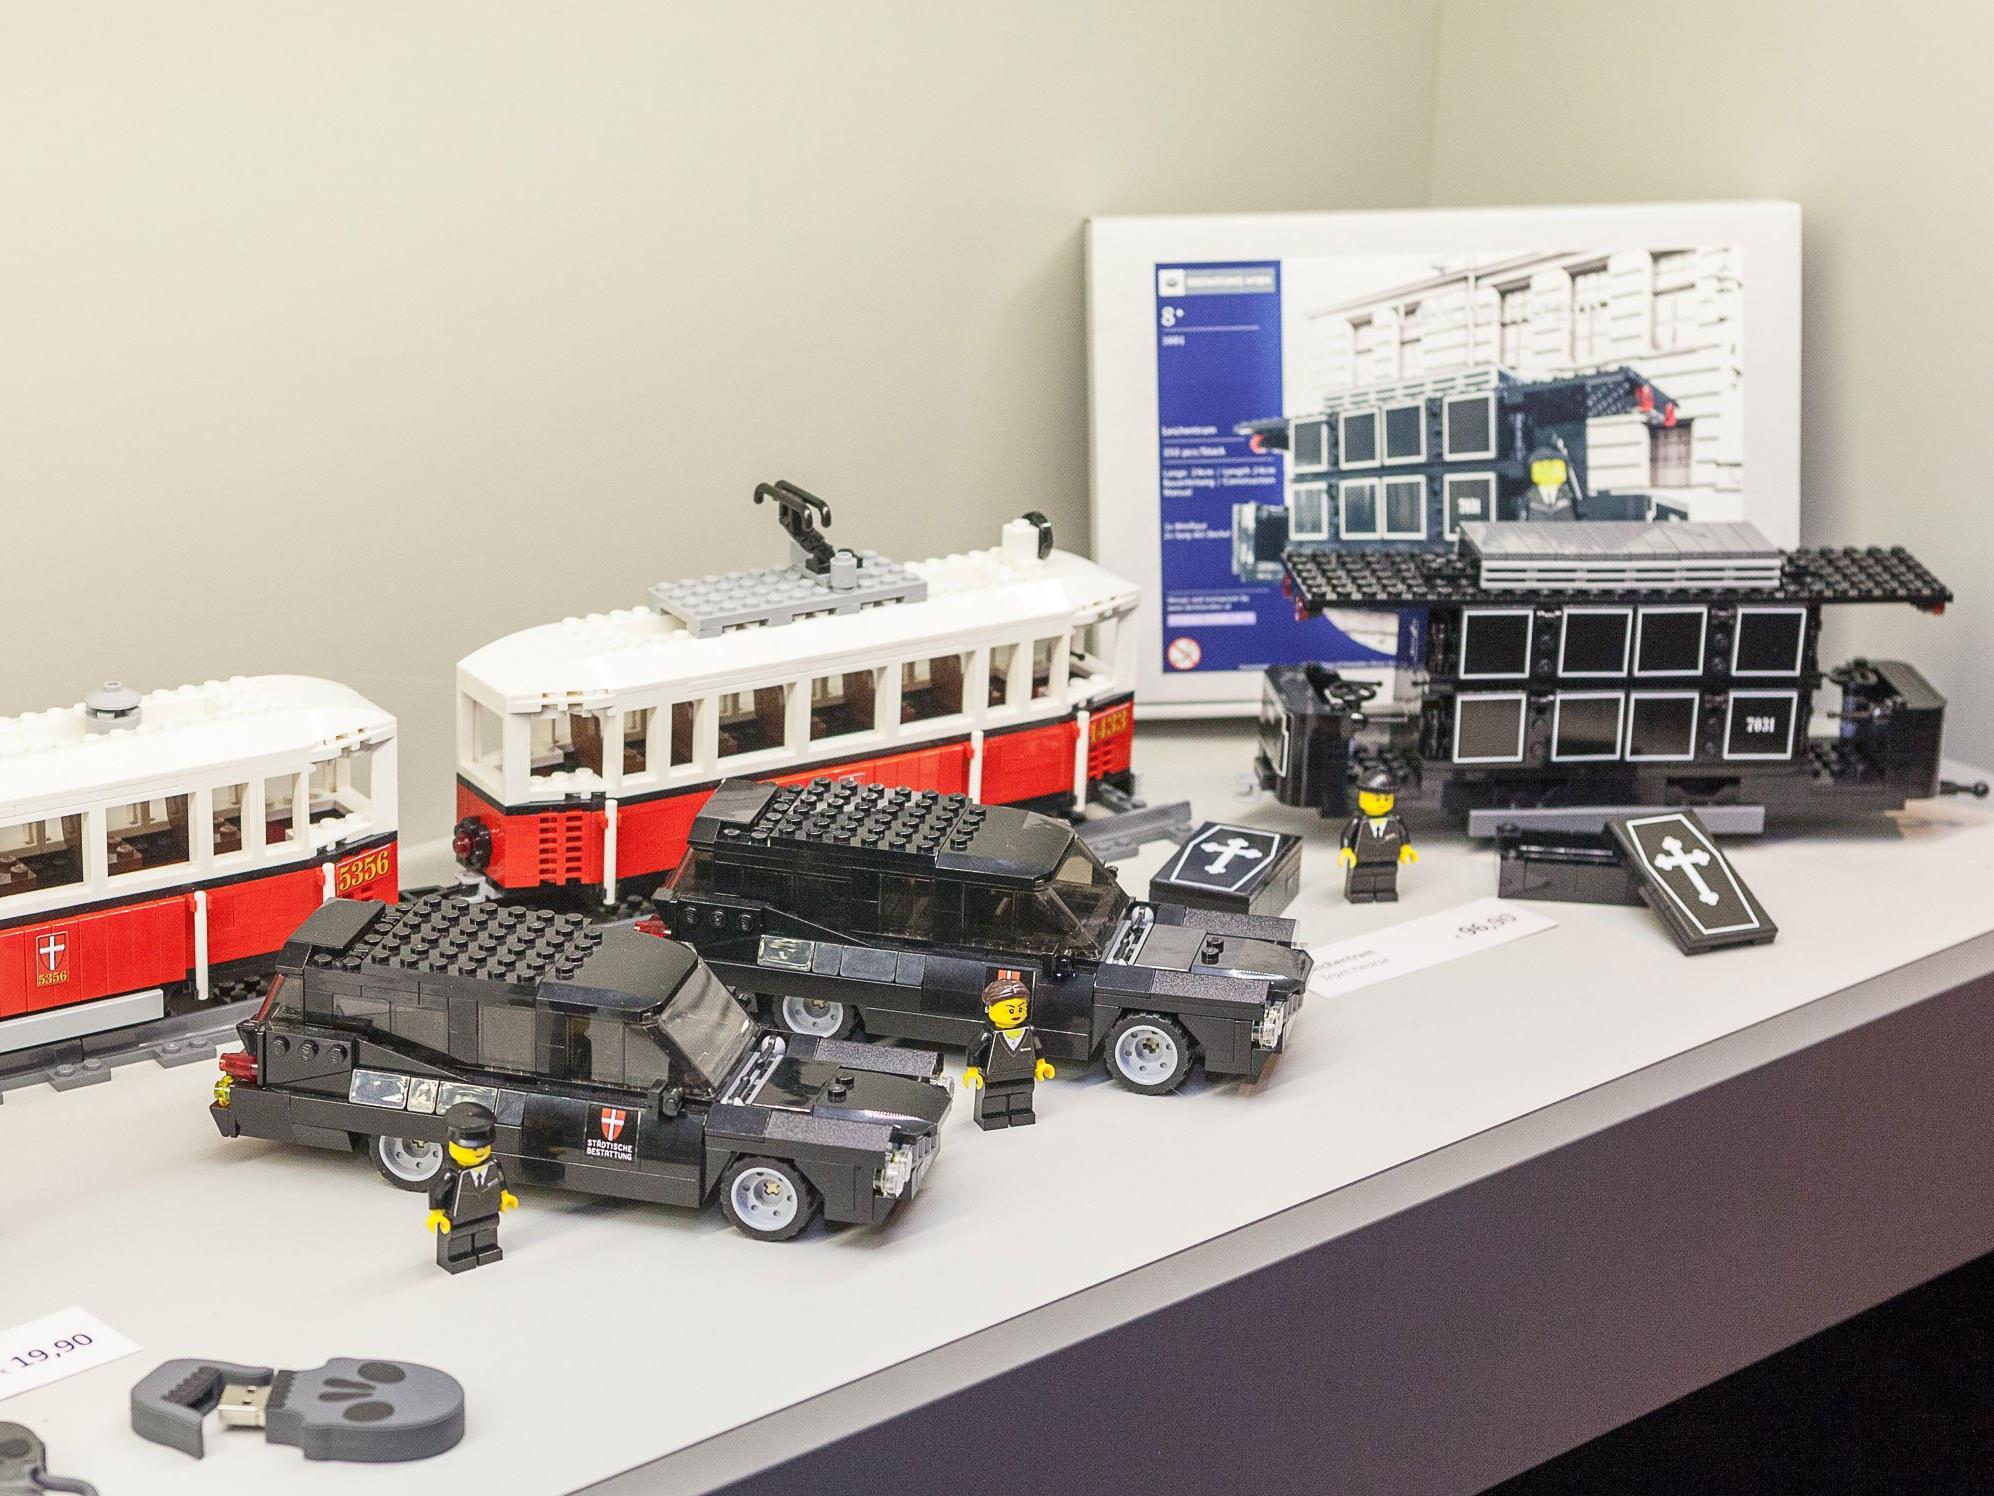 Der Lego-Leichenwagen bei der Präsentation